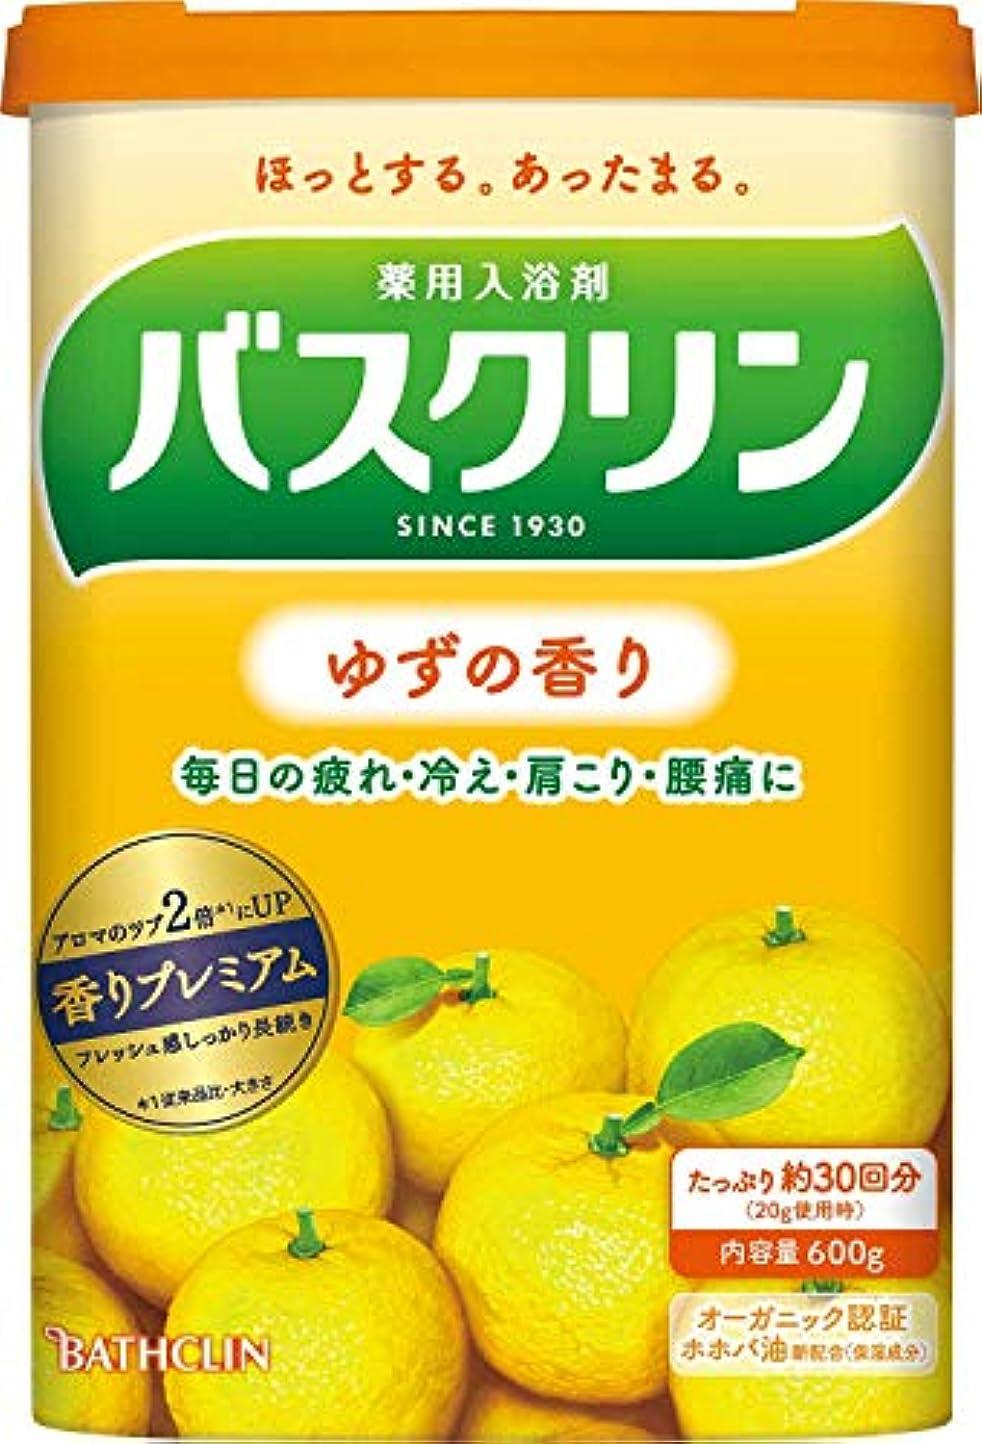 家具システム十【医薬部外品】バスクリン入浴剤 ゆずの香り600g(約30回分) 疲労回復